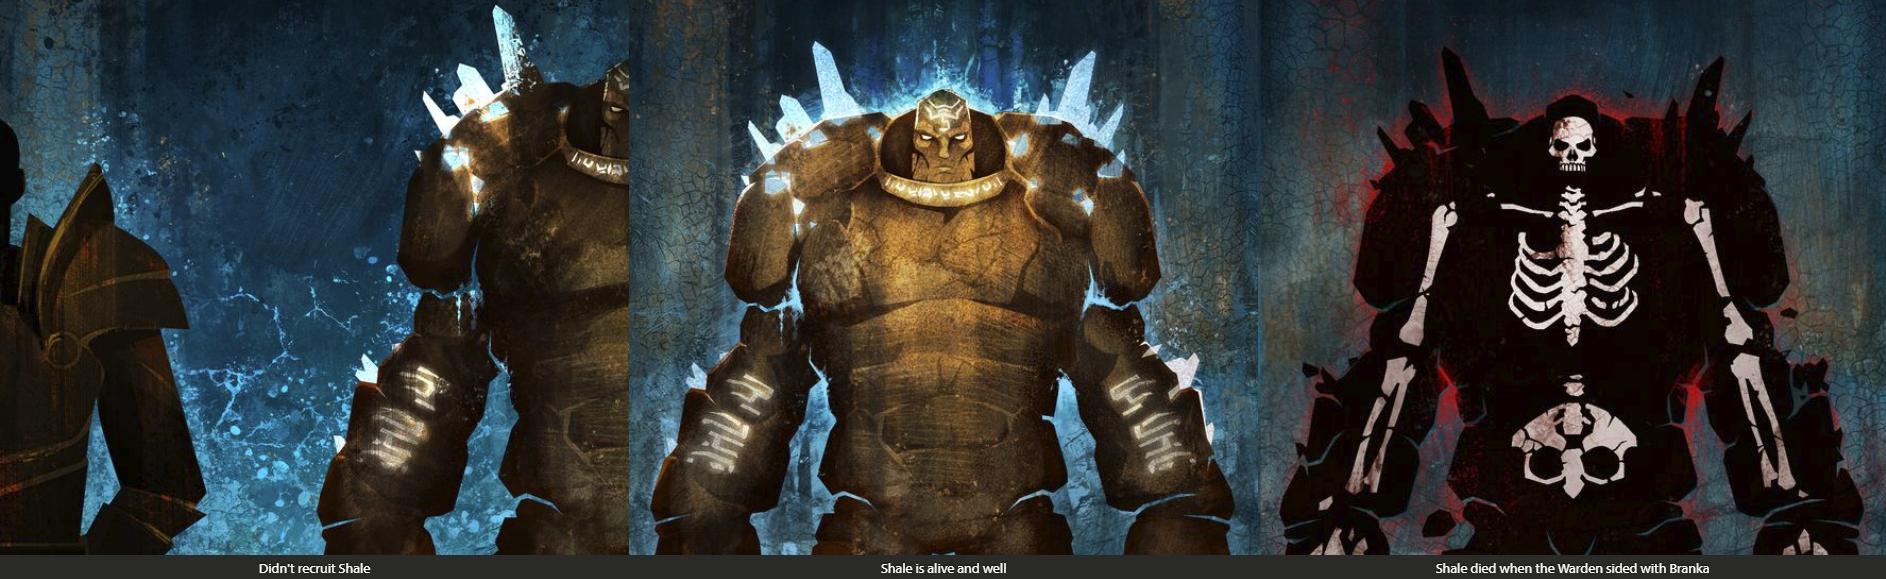 Shale | Dragon Age Wiki | FANDOM powered by Wikia